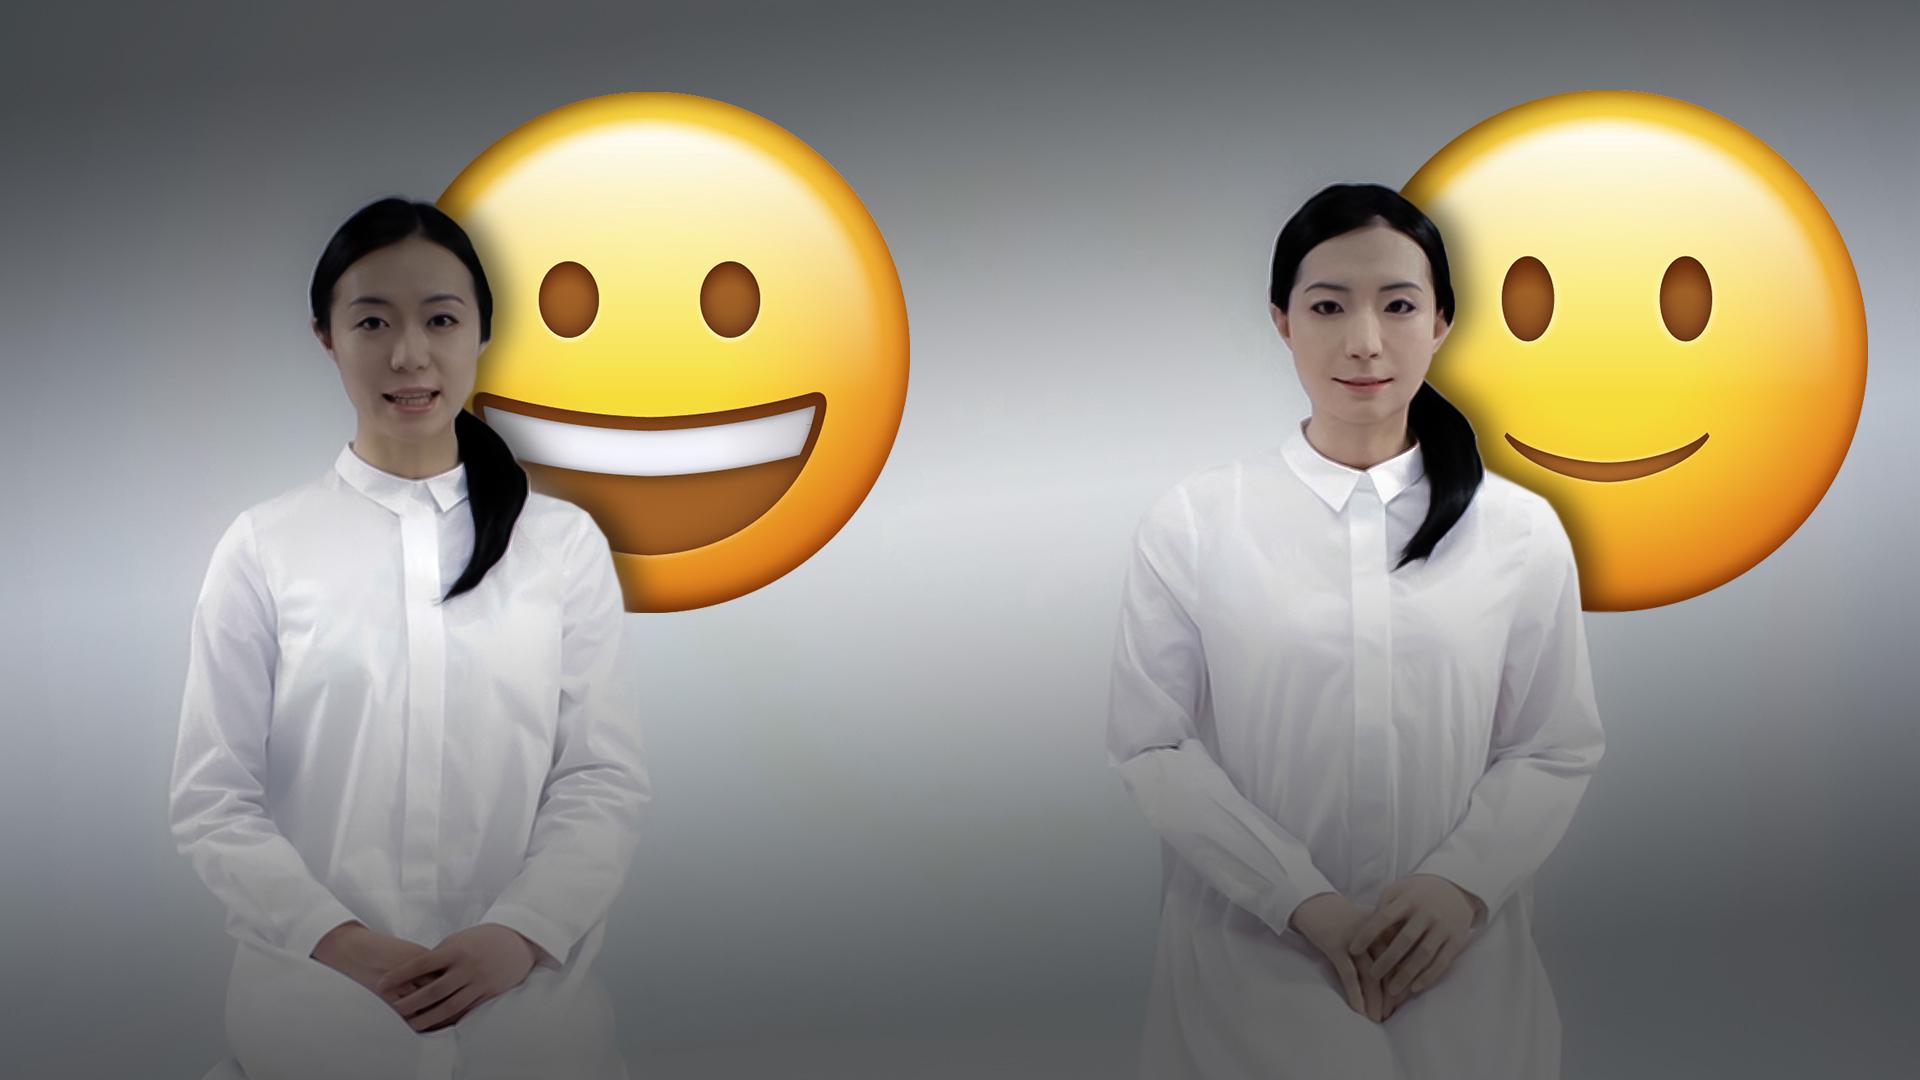 saul-ameliach-especialista-en-nuevos-desarrollos-saul-ameliachfuturo-el-futuro-ha-llegado-cientficos-crean-robots-con-expresiones-humanas-muy-sorprendentes-noticias